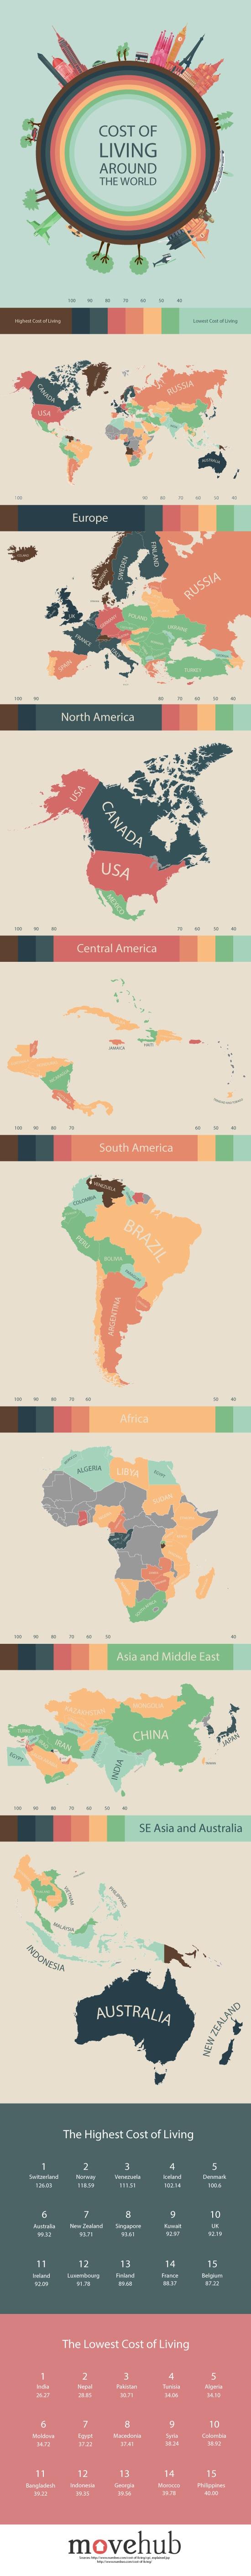 cost-of-living-around-world-infographic.jpg